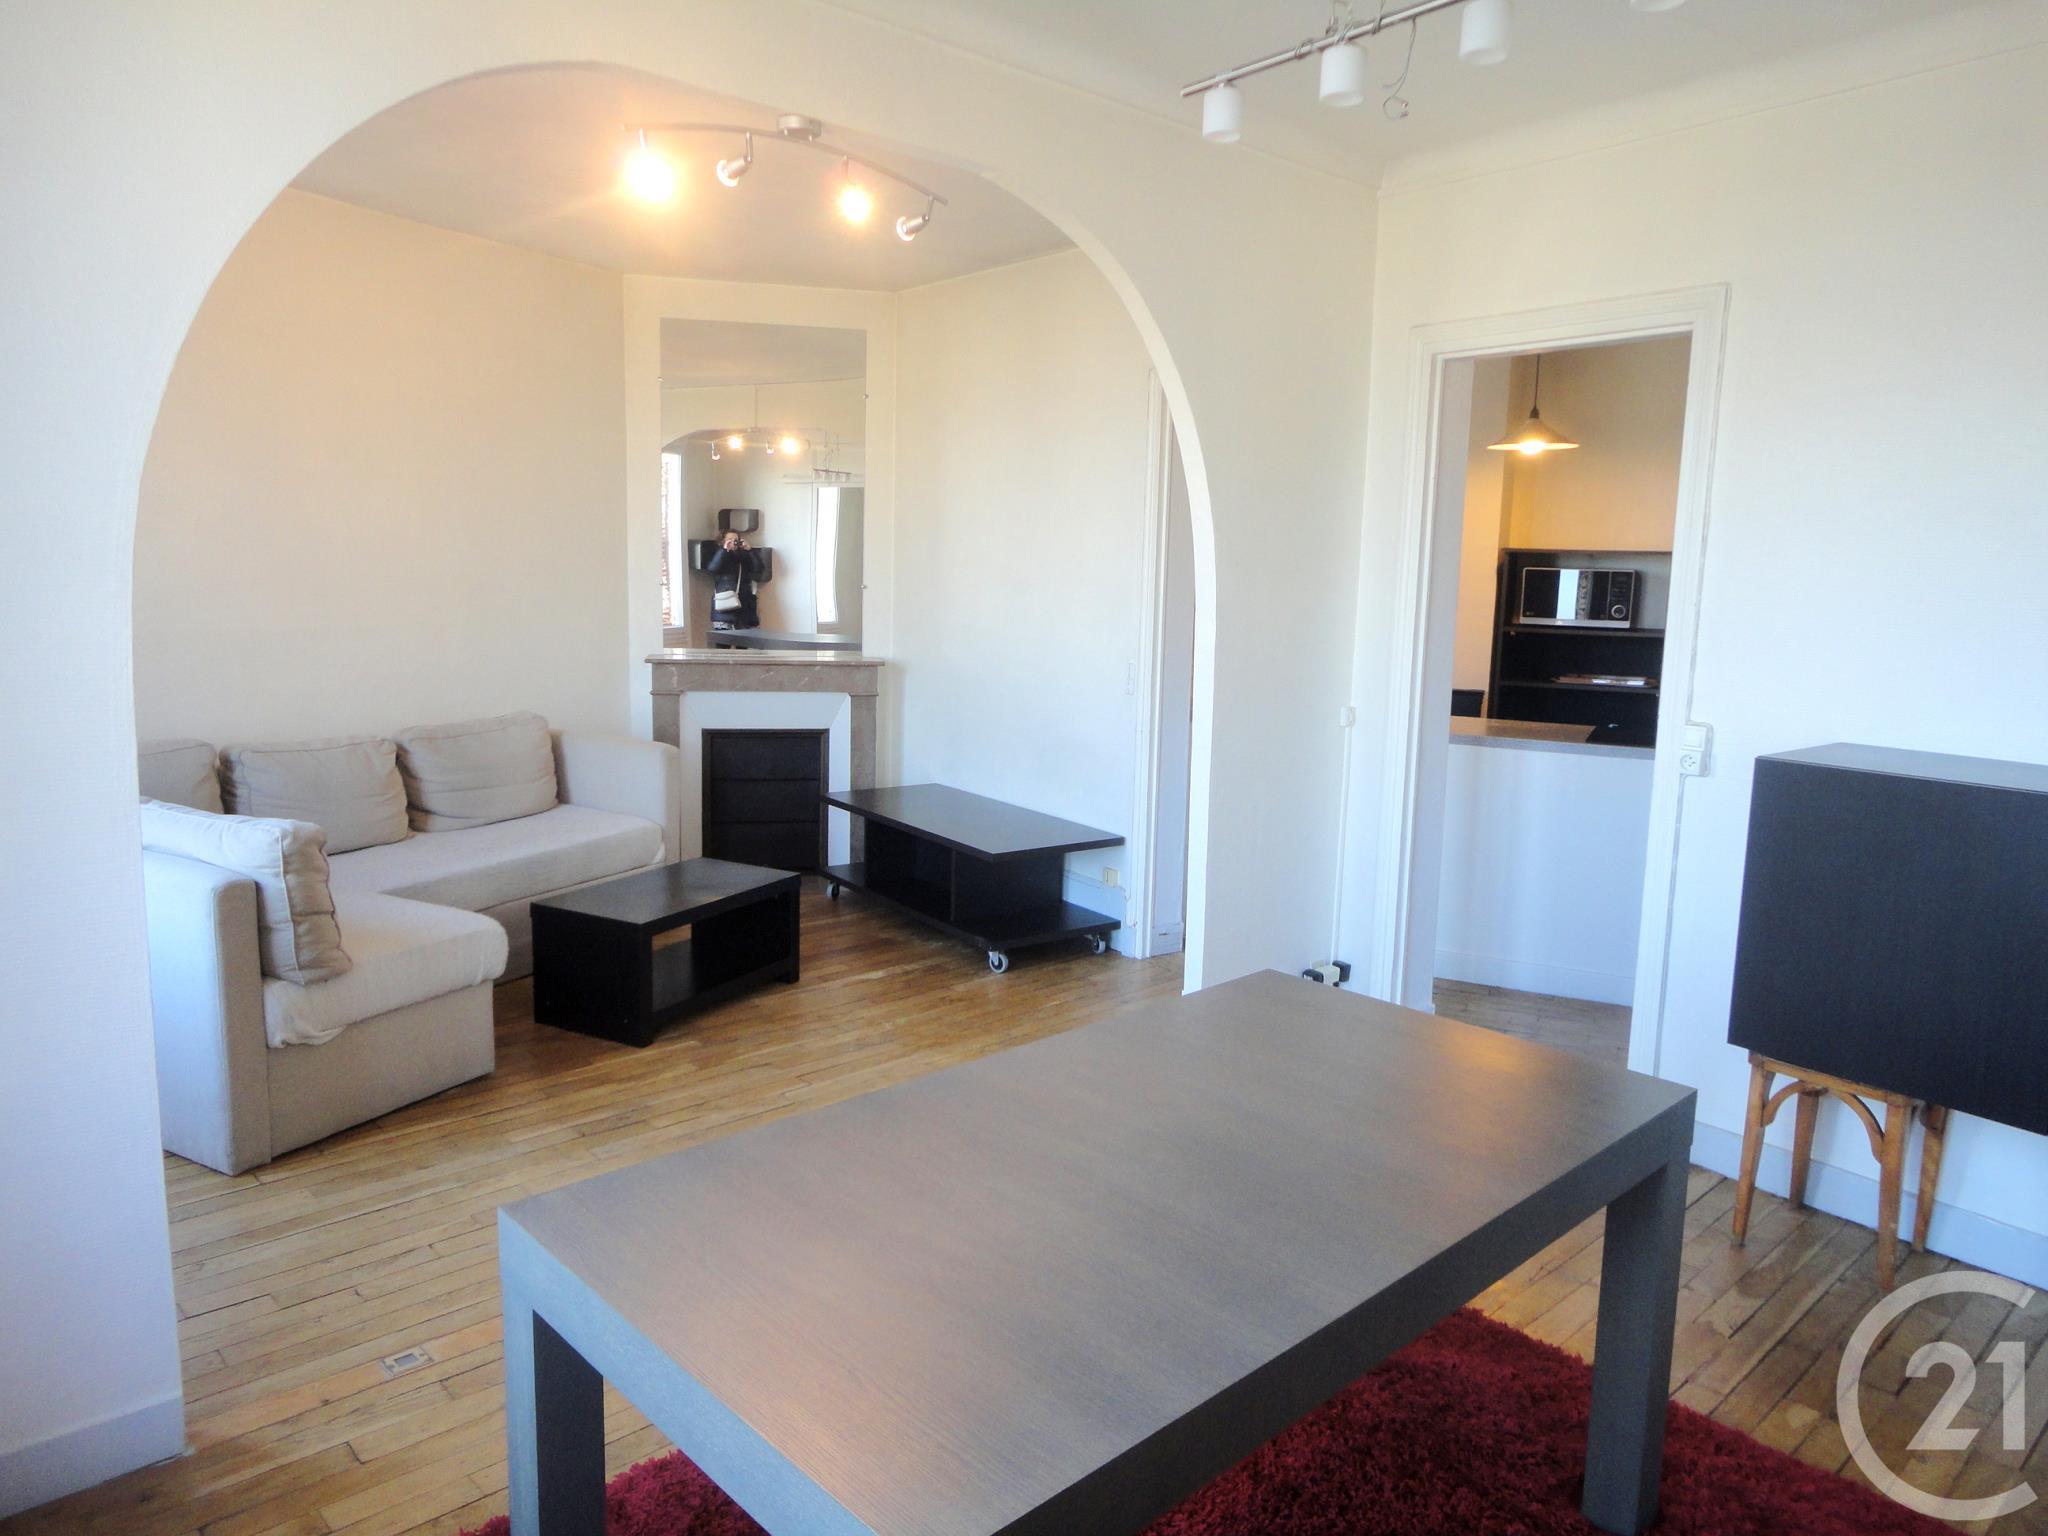 Appartement f2 à louer 2 pièces 48 m2 le perreux sur marne